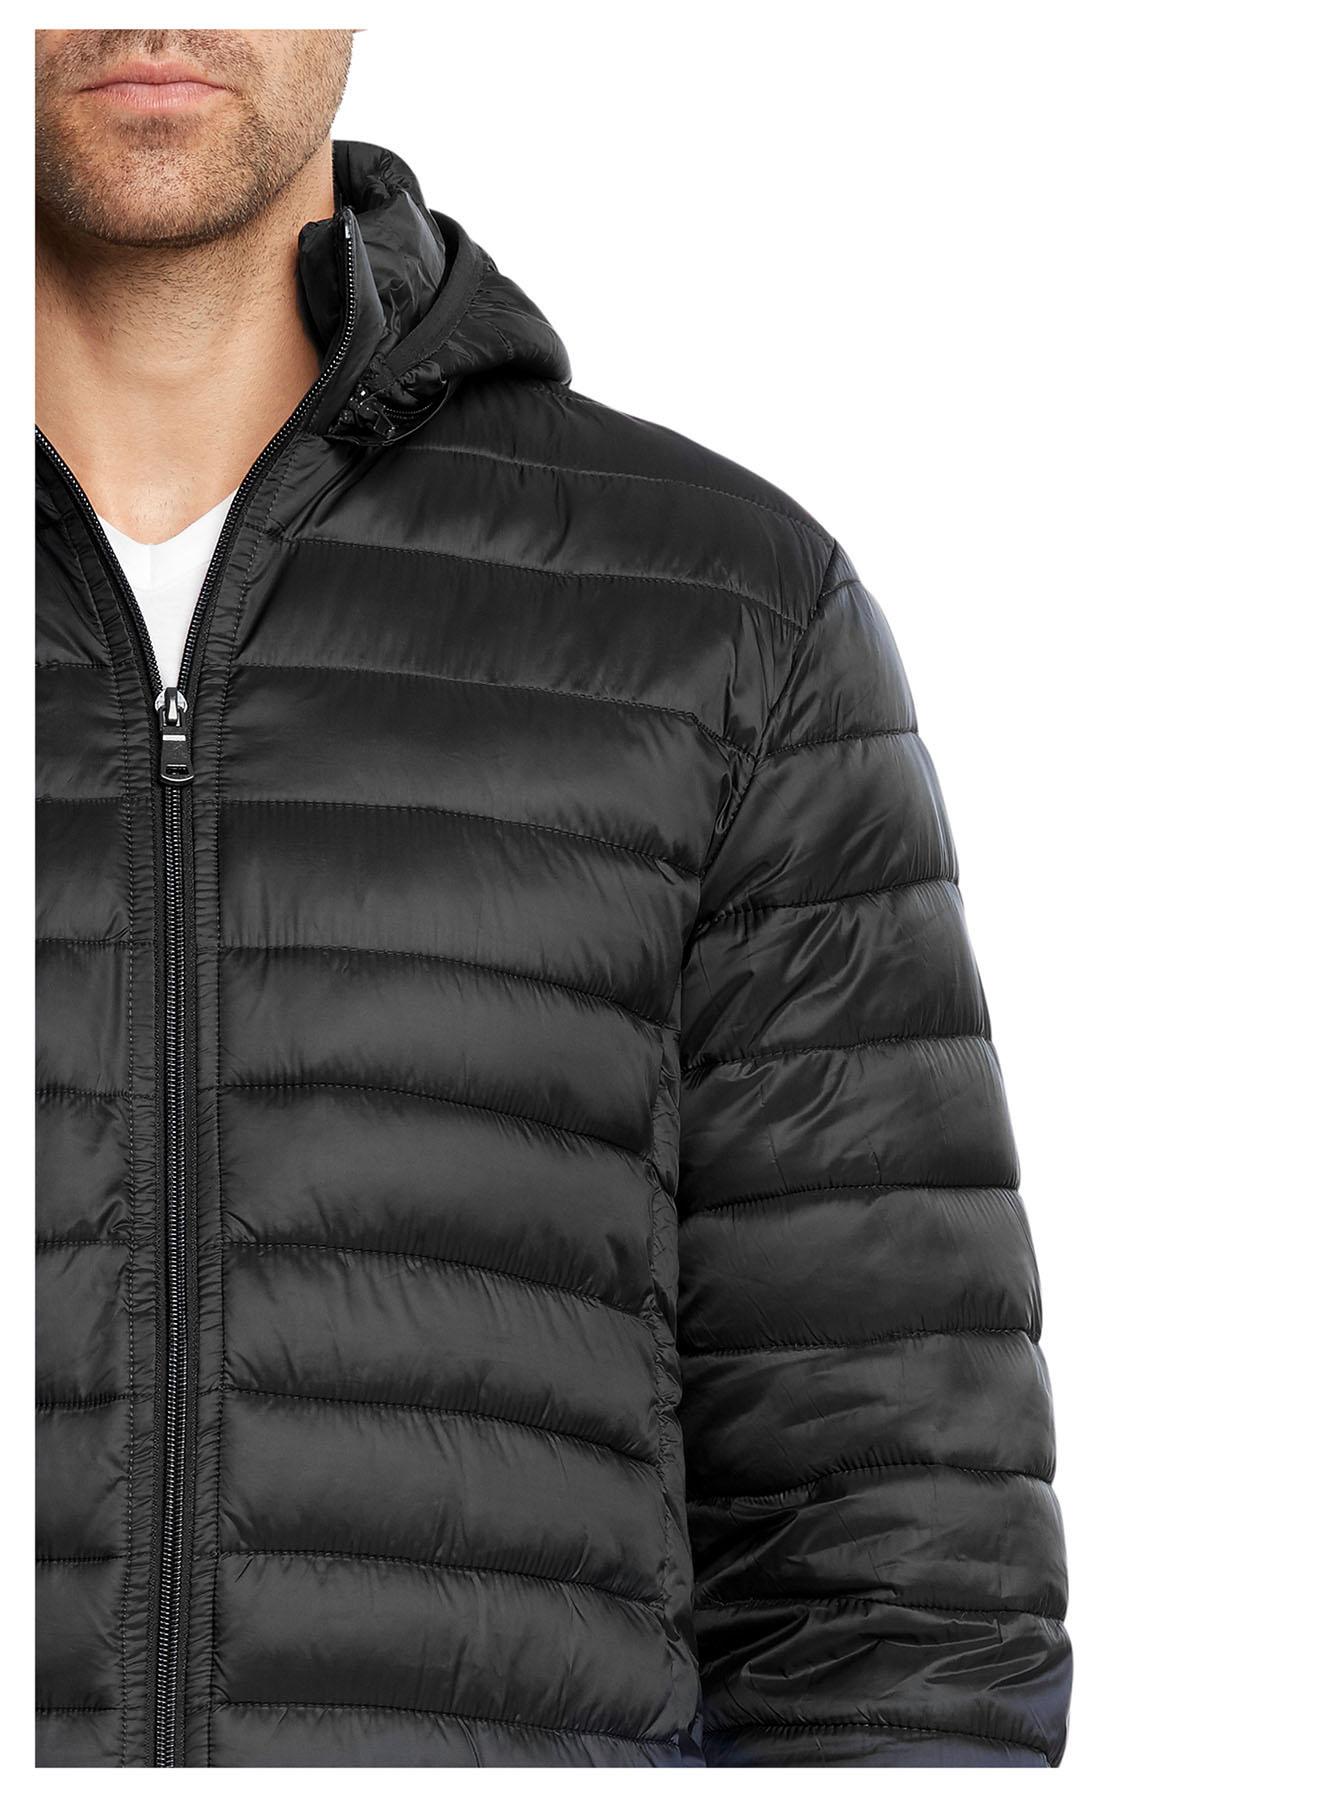 9 Crowns Essentials Men s Lightweight Puffer Jacket  709eb9736